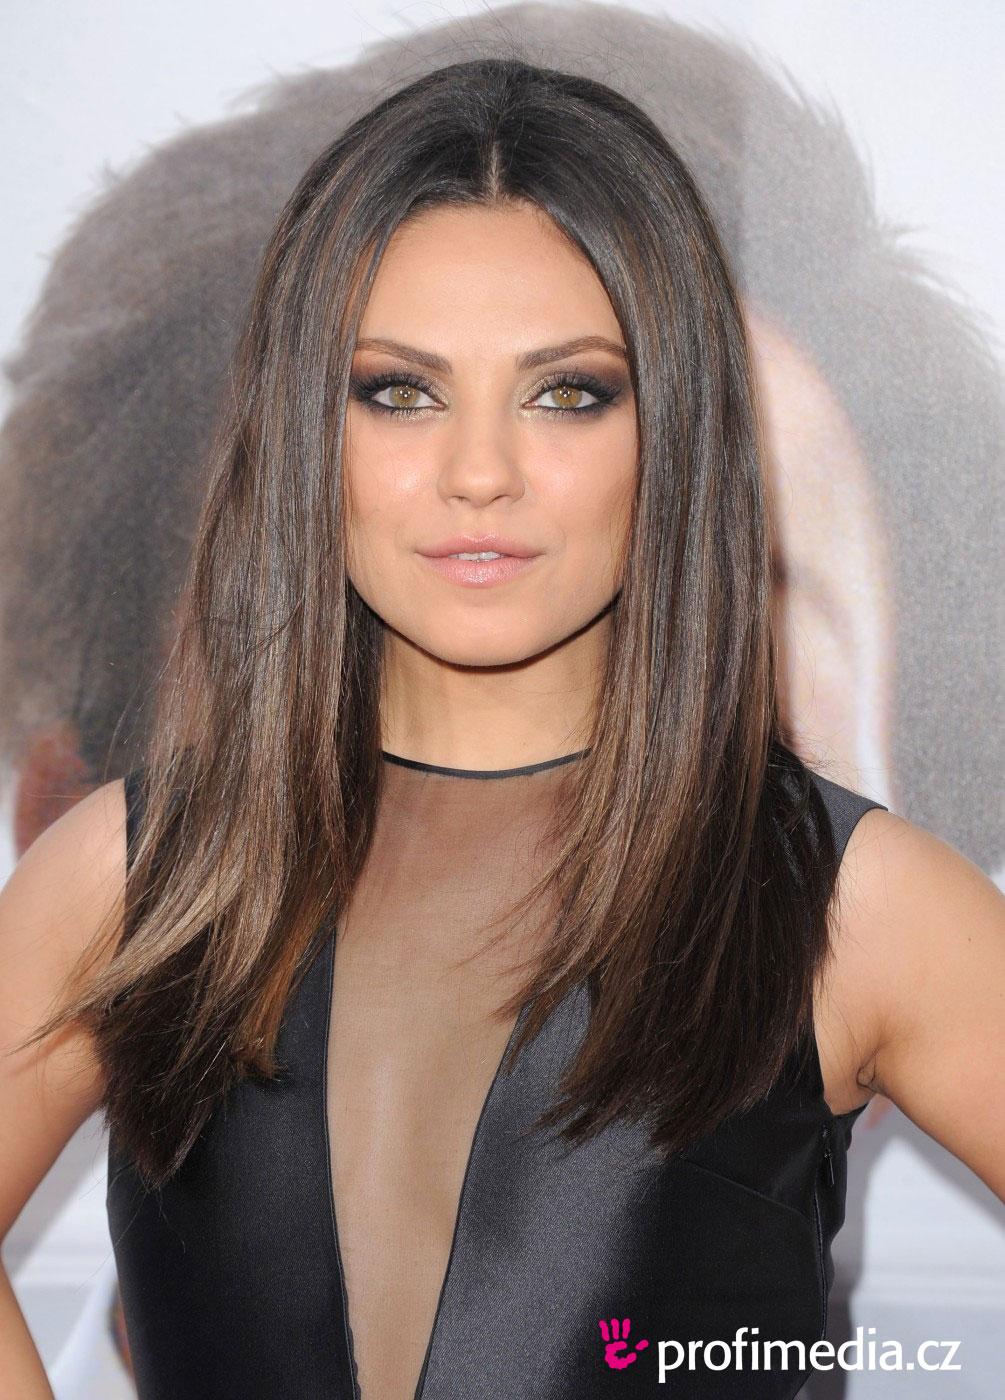 Mila Kunis Hairstyle Easyhairstyler